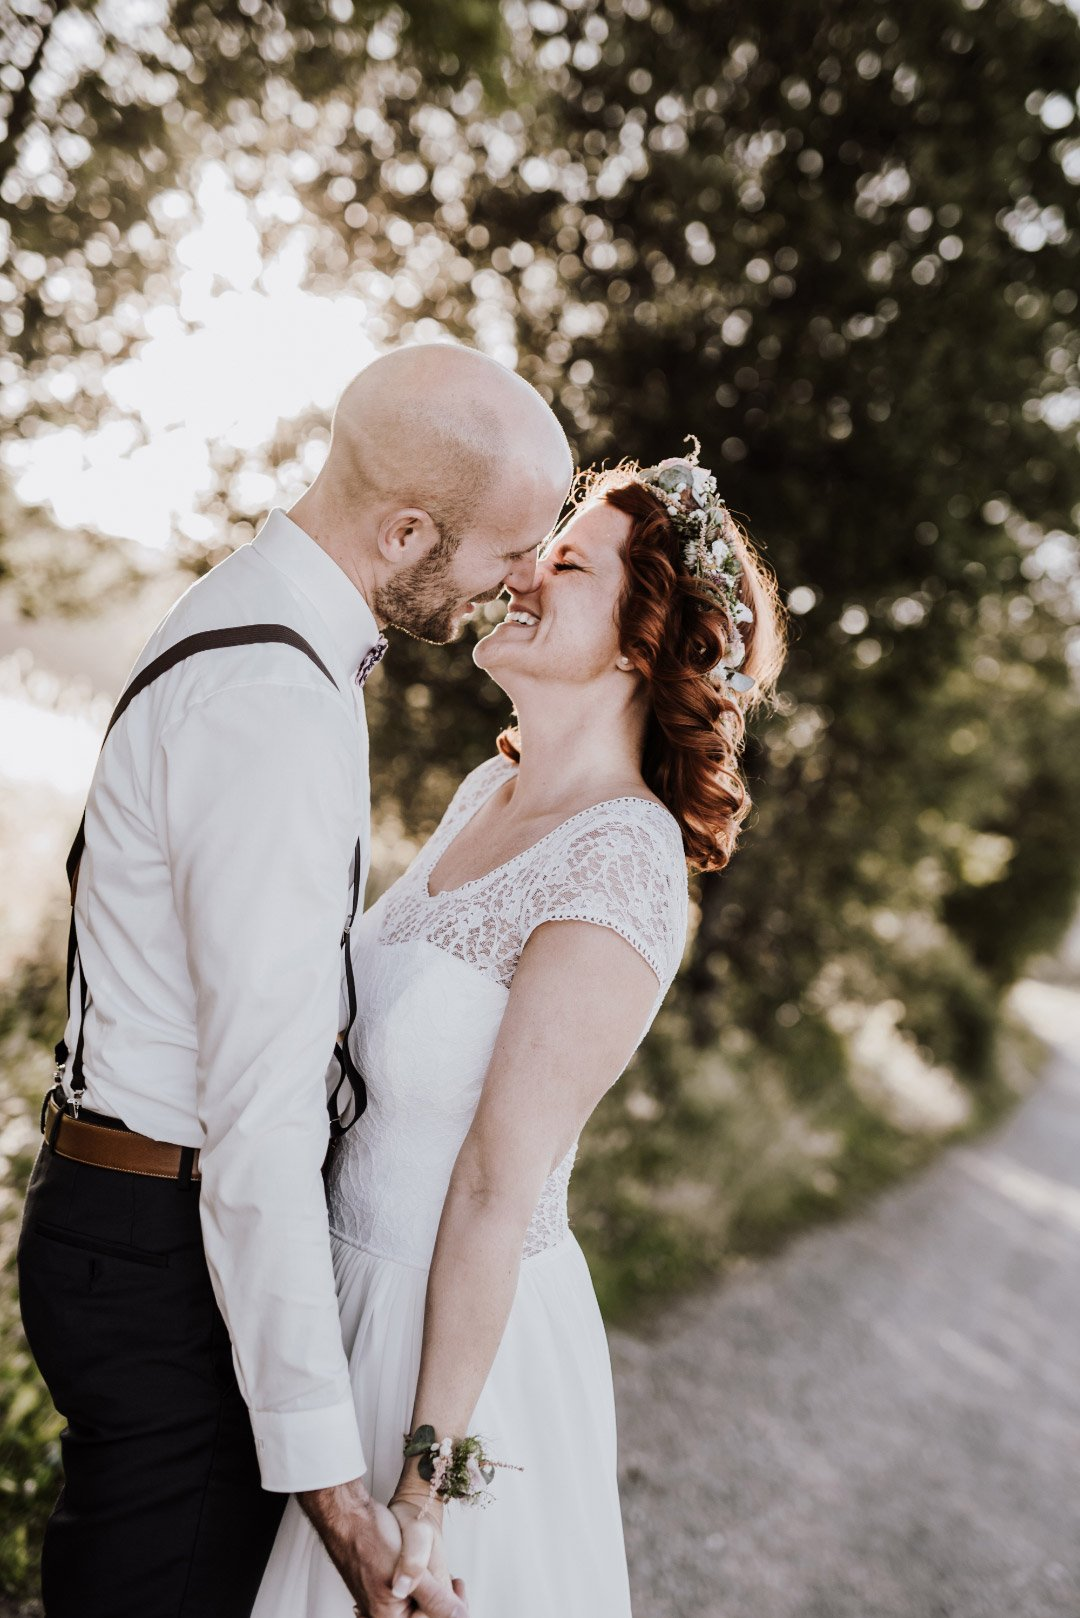 Bräutigam küsst Braut